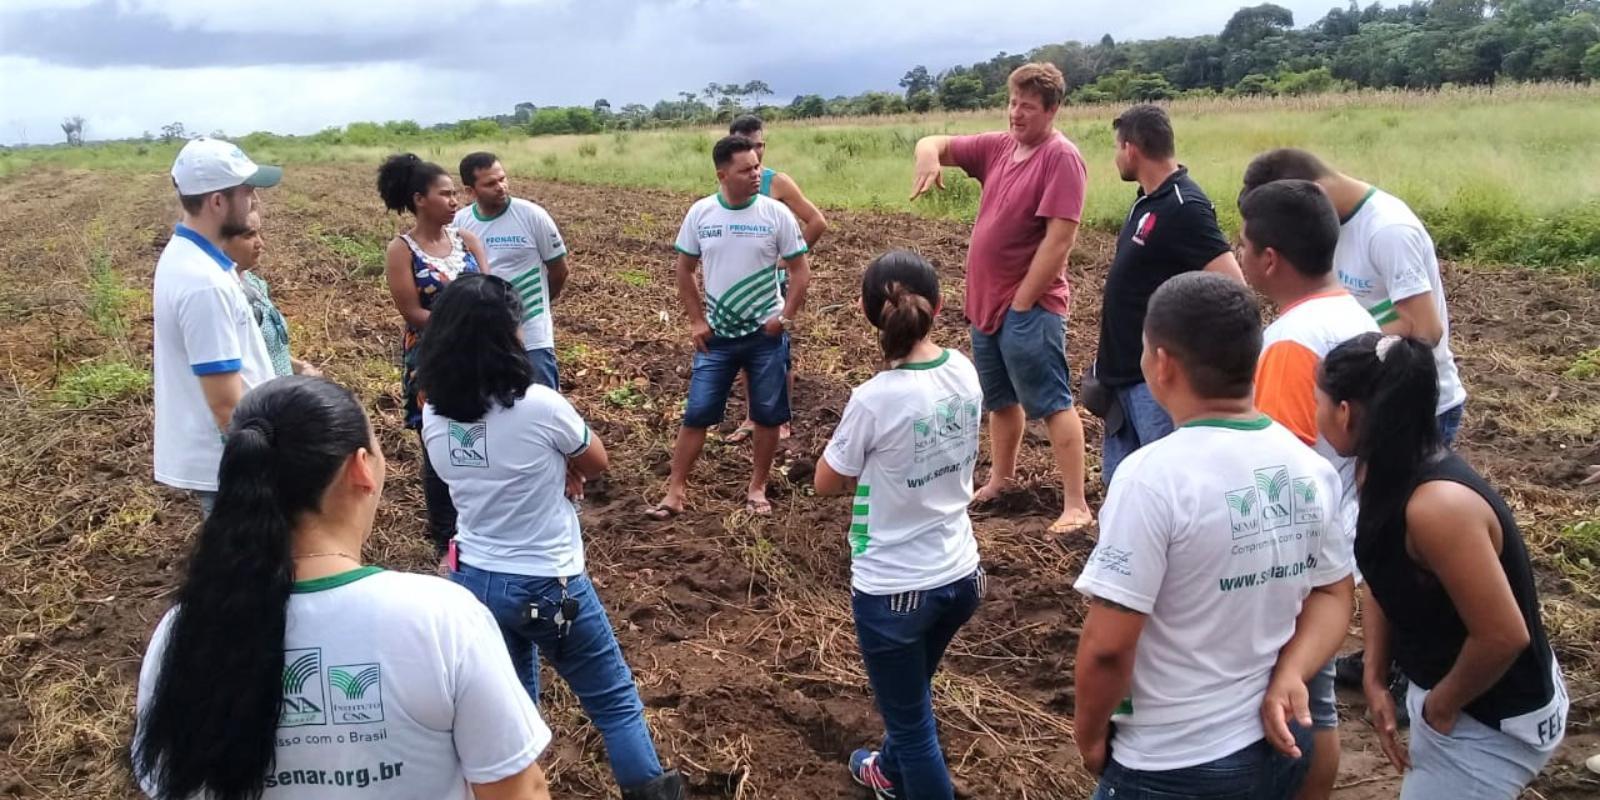 Curso Técnico em Agronegócio: alunos do polo Itaubal visitam fazenda produtora de batata